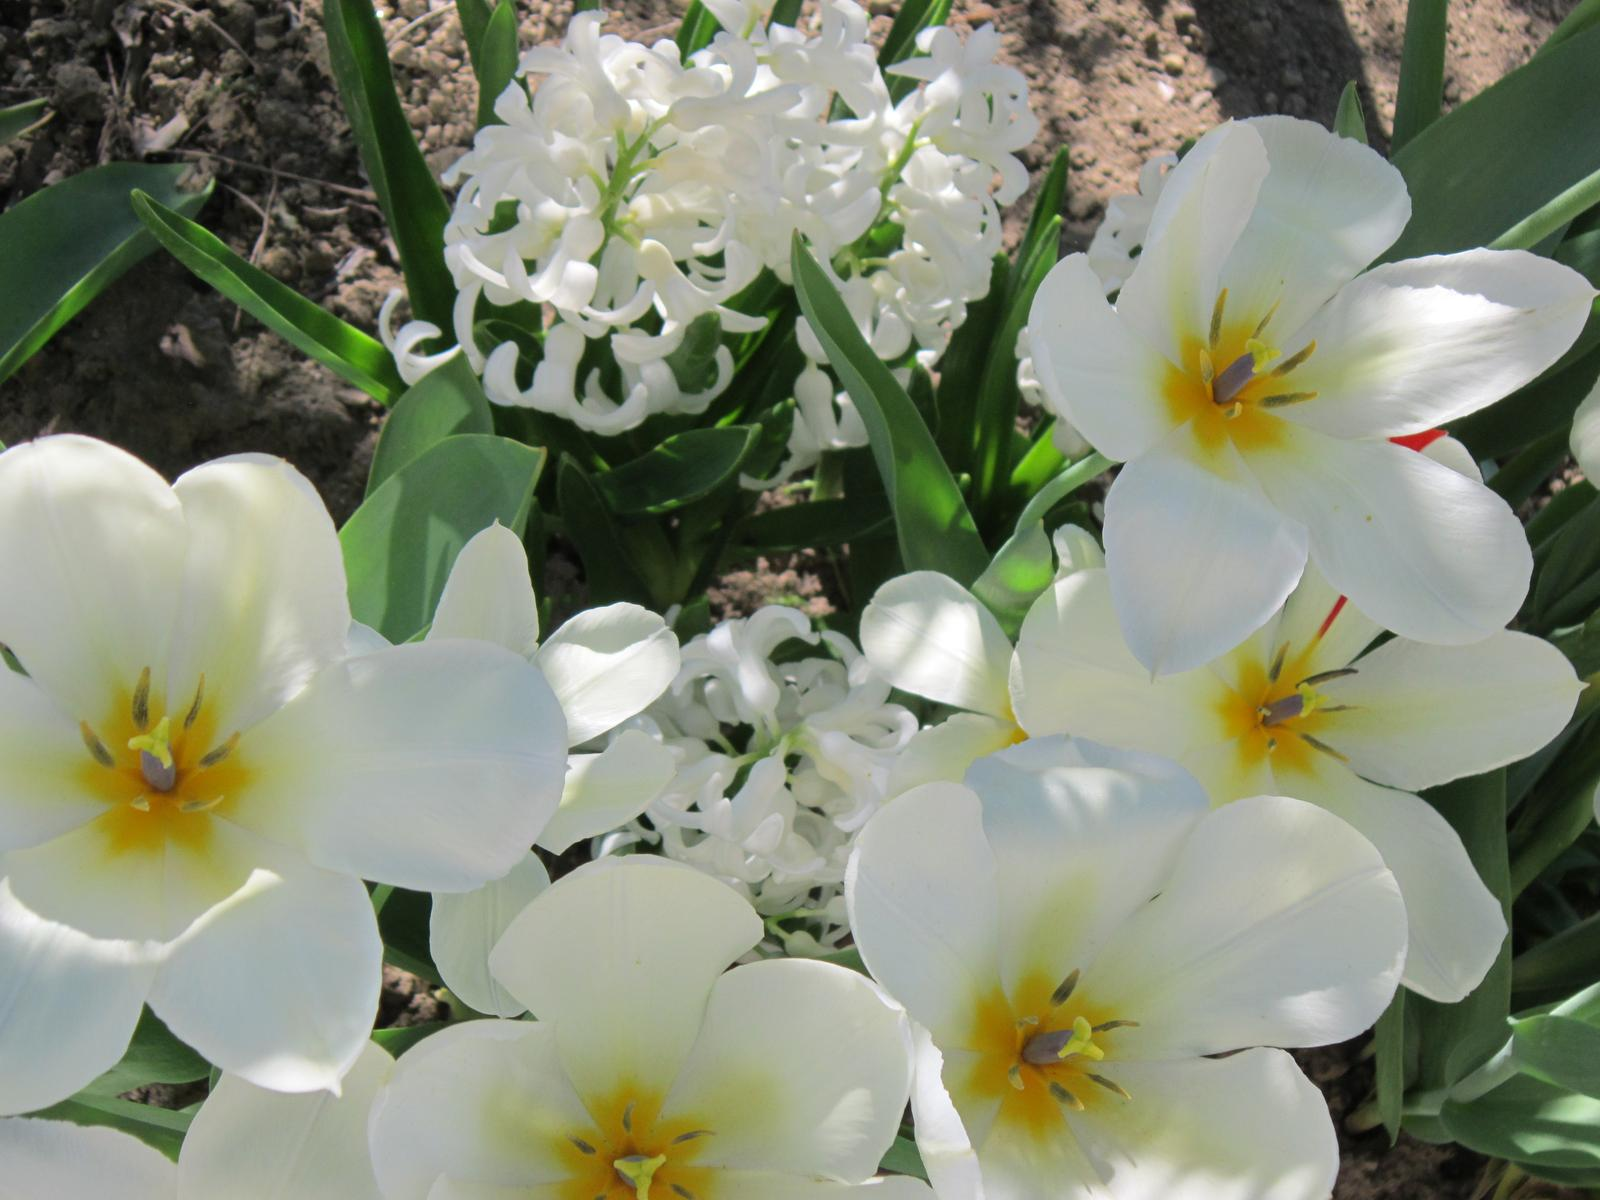 Pozvanie do našej jarnej záhrady - Nežná biela krása...